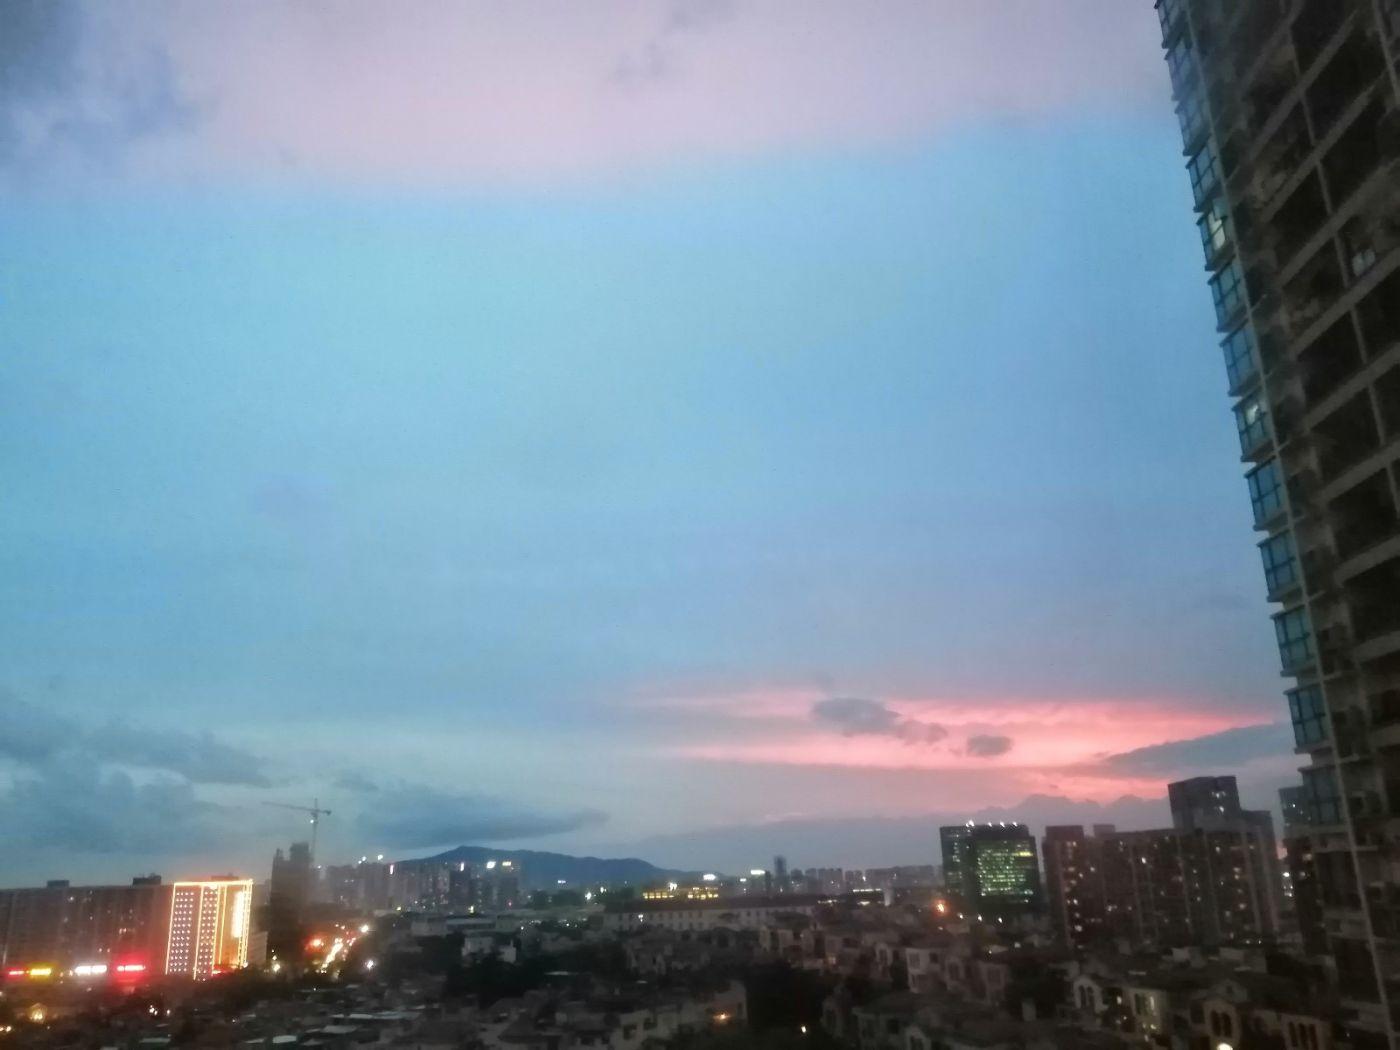 雨后天空红色,你见过吗_图1-3